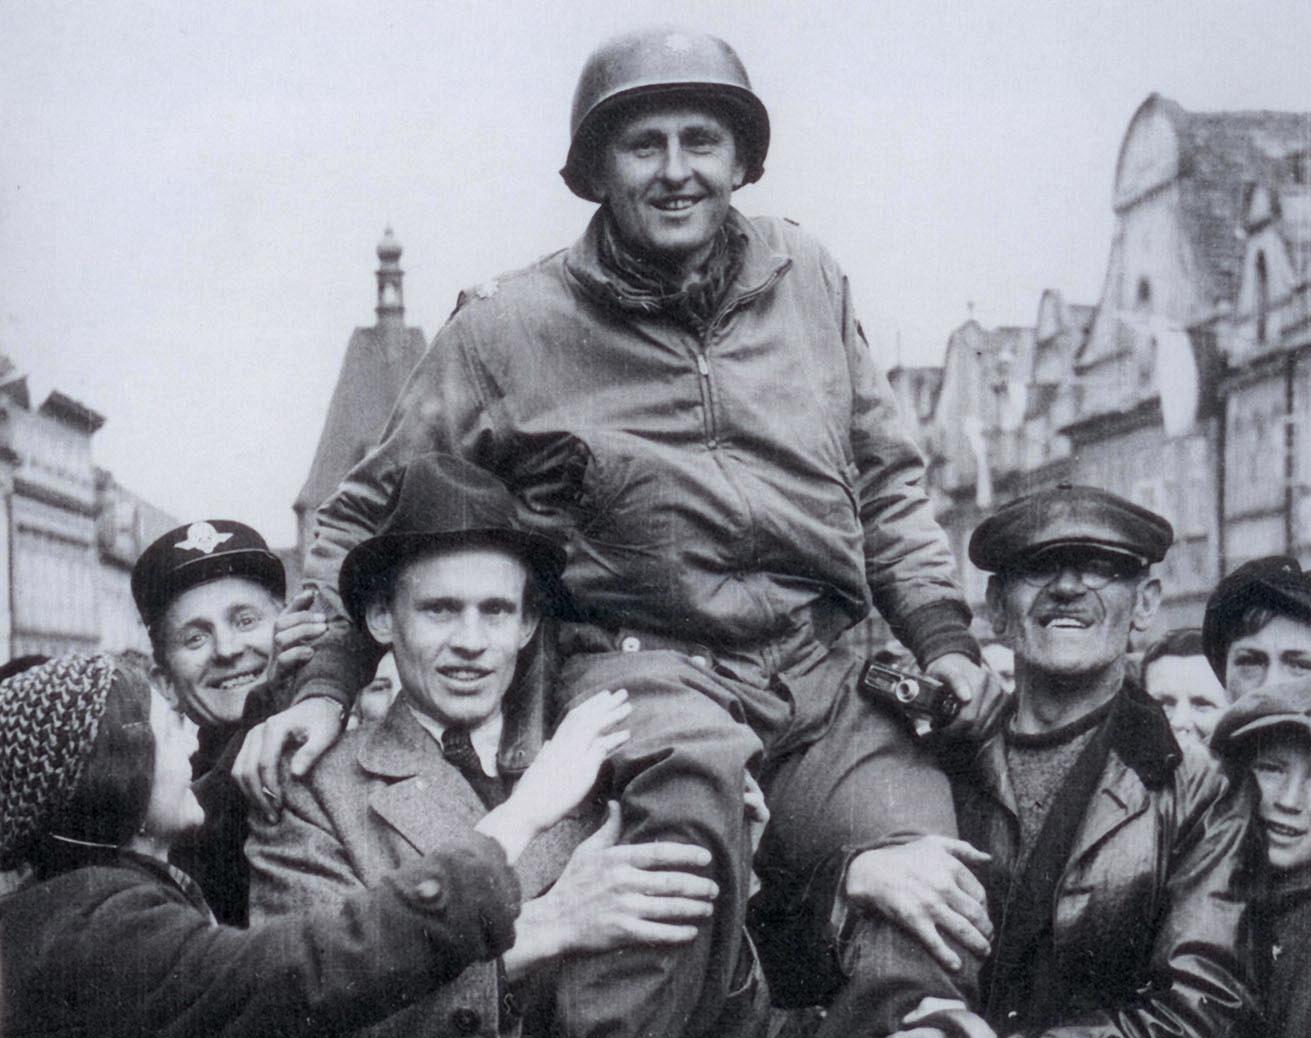 Matt Konop carried by townspeople of Domazlice, Czechoslovakia, 1945.